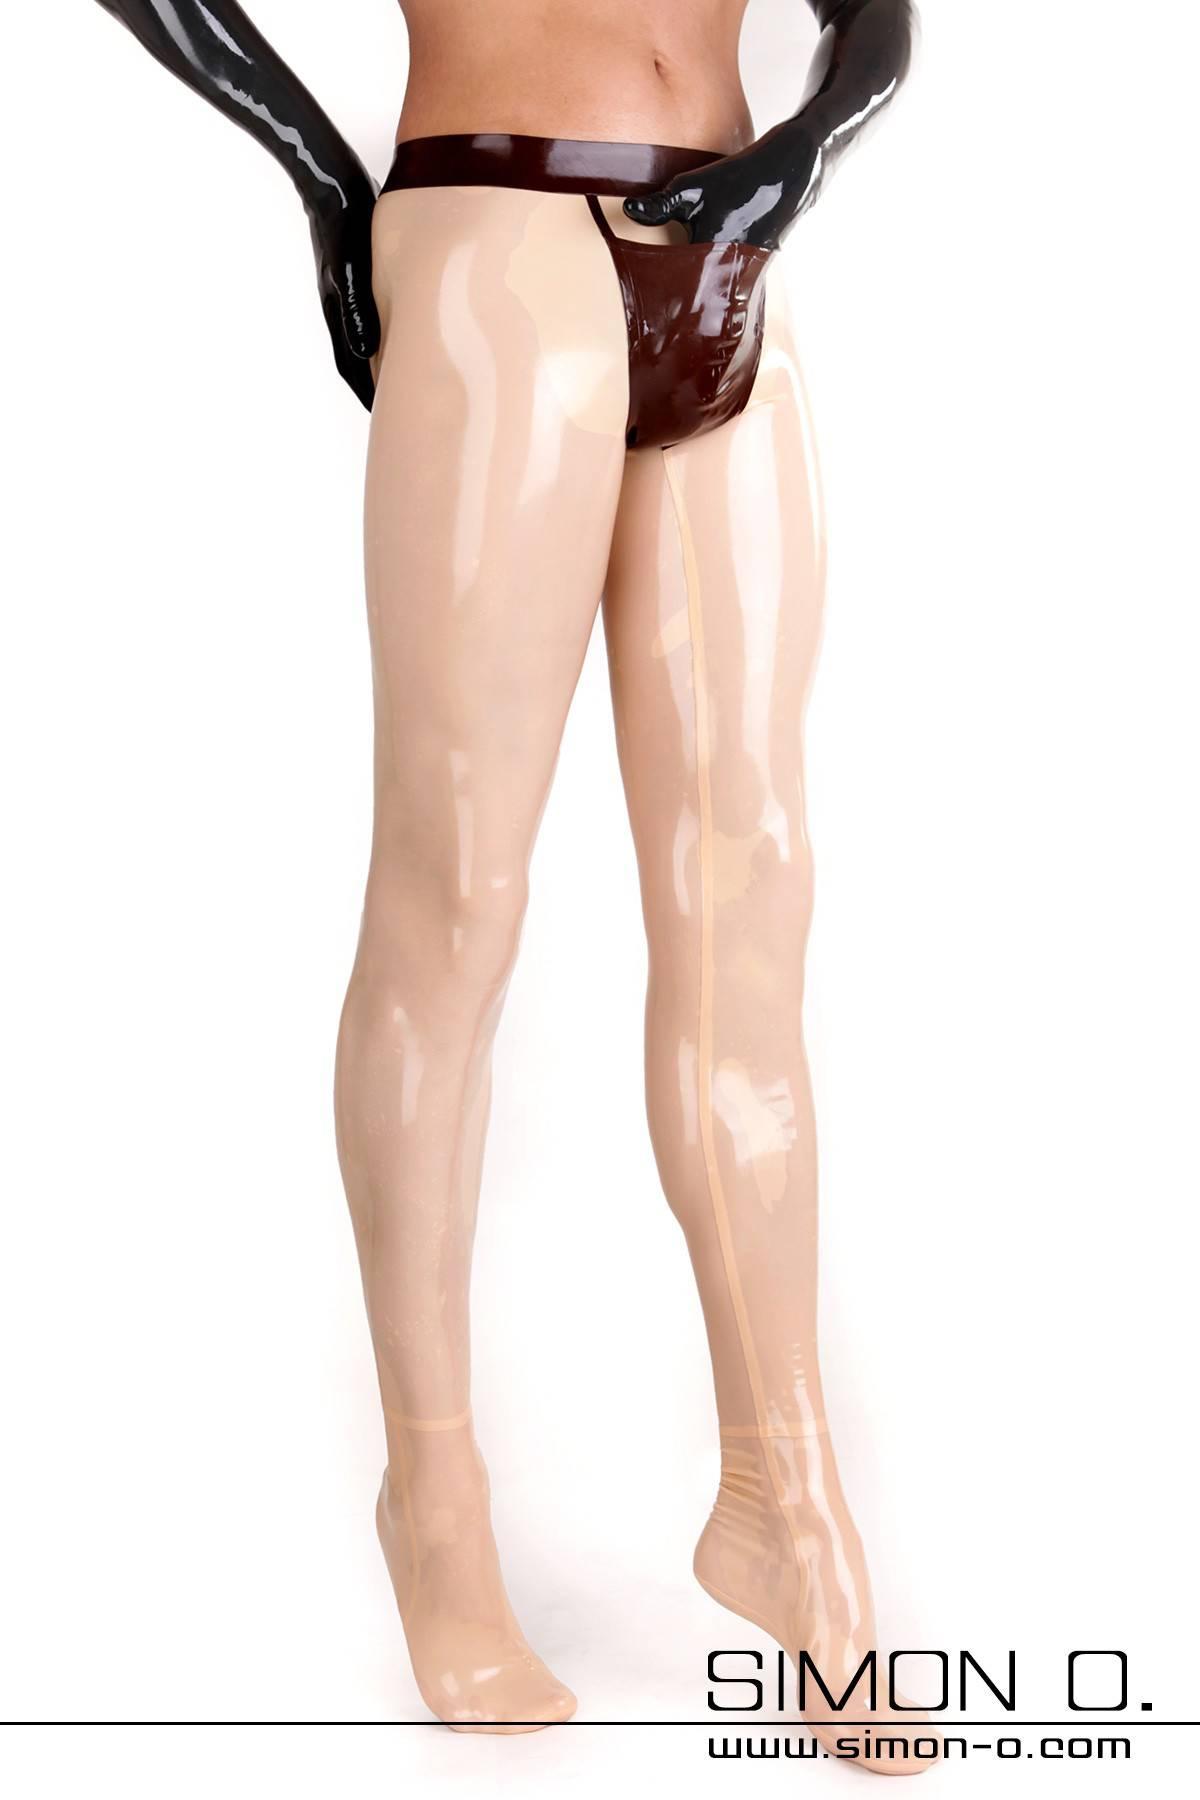 Hautenge Herren Latex Strumpfhose mit praktischen schön gestalteten Eingriff vorne Ein Zipp im Analbereich oder ein Analkondom ist bei diesem Modell möglich. …